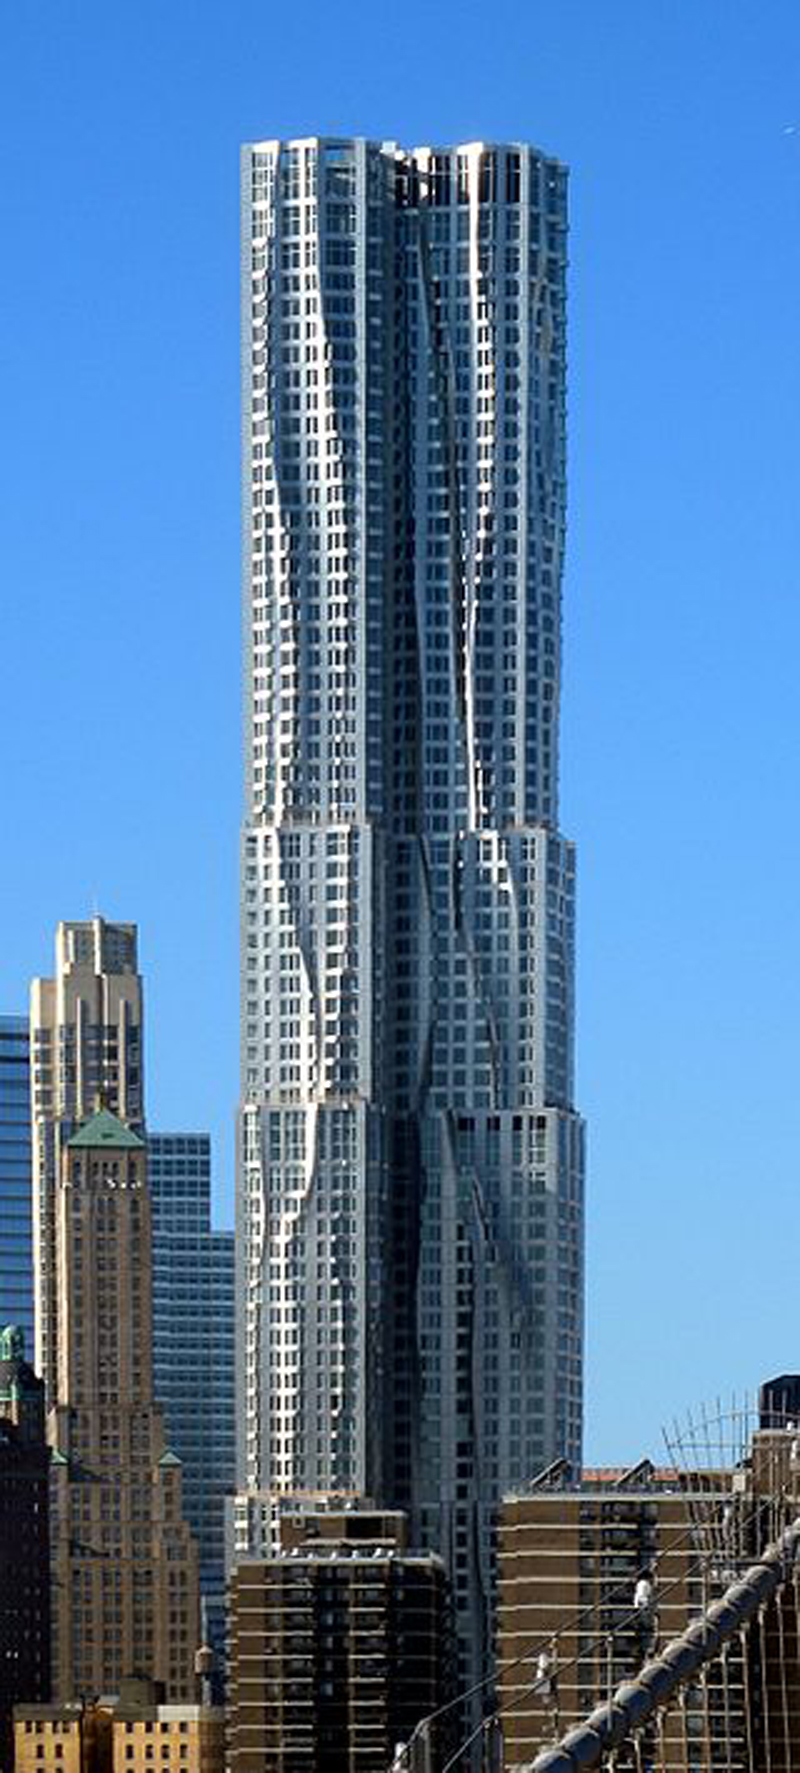 Photo by Jim Henderson via Wikipedia